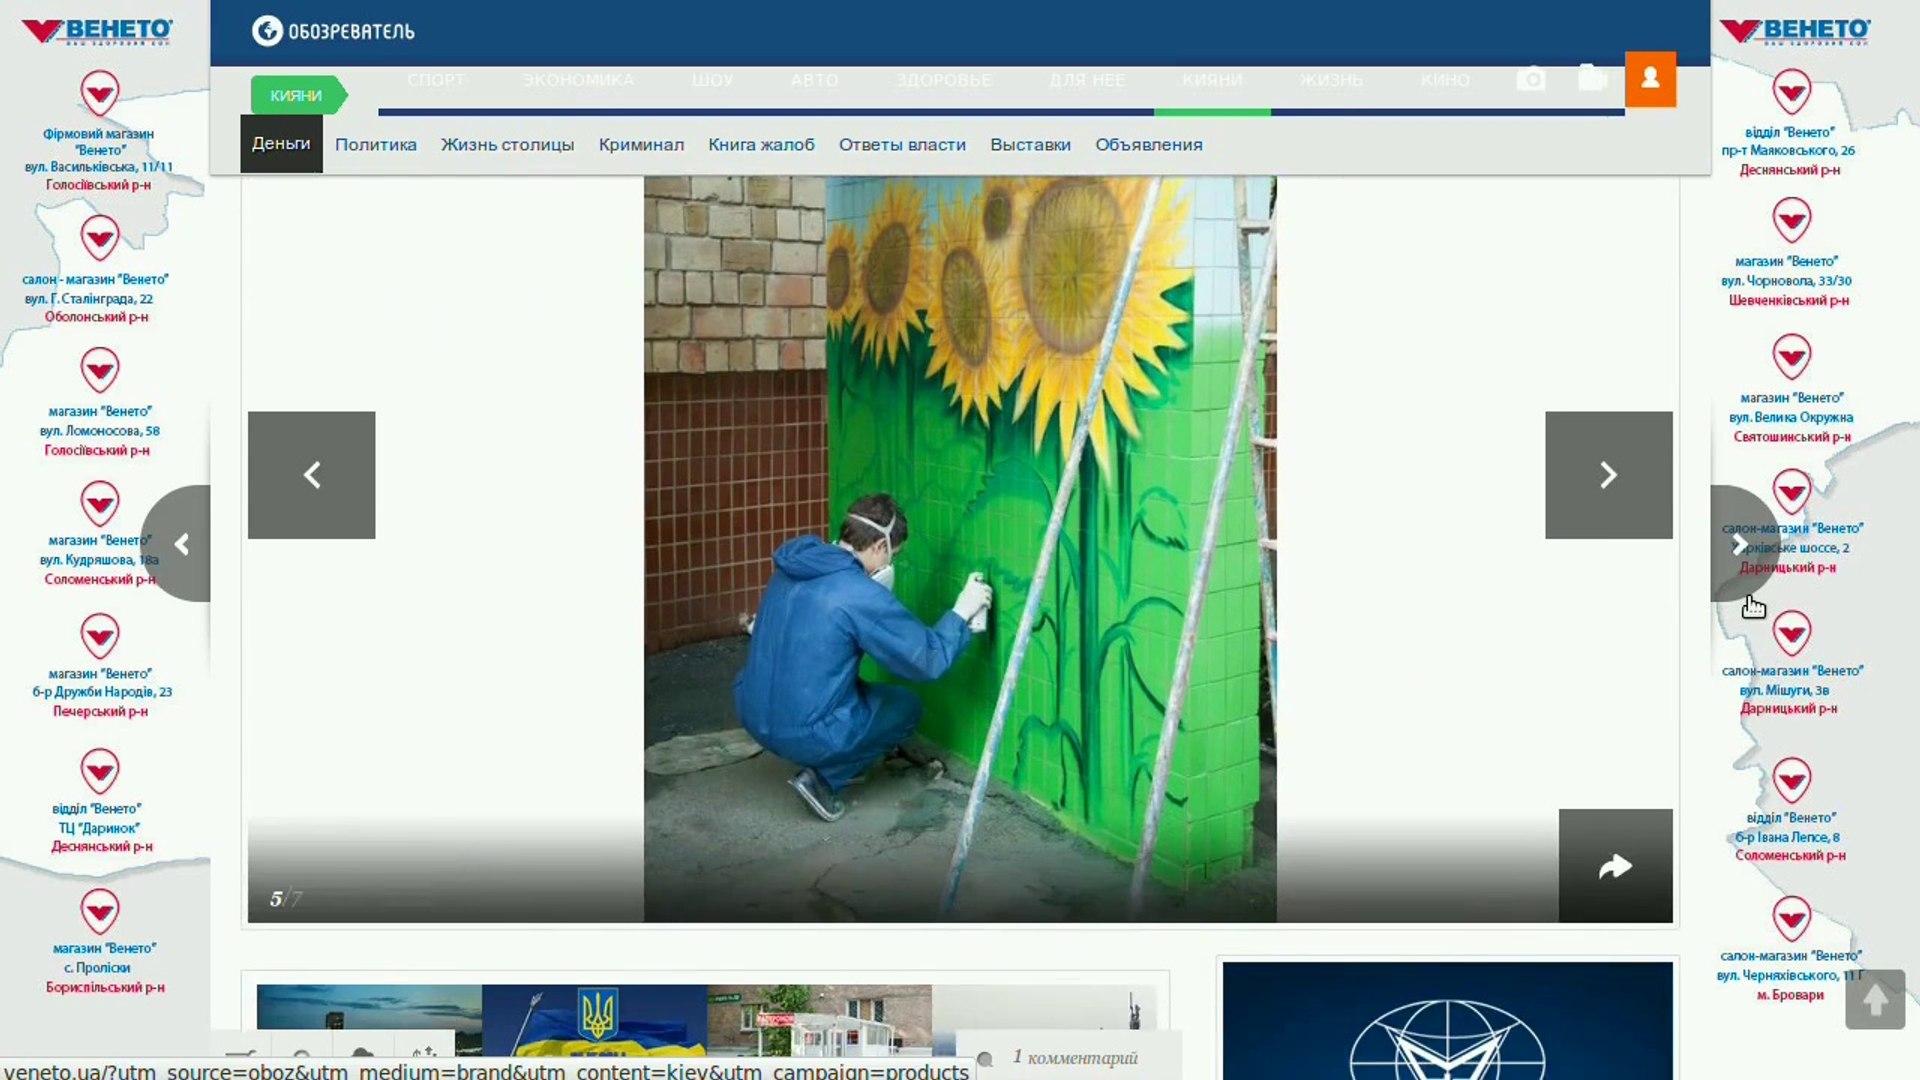 Андрей Супрун: в Киеве яркими пейзажами разукрасят детские сады